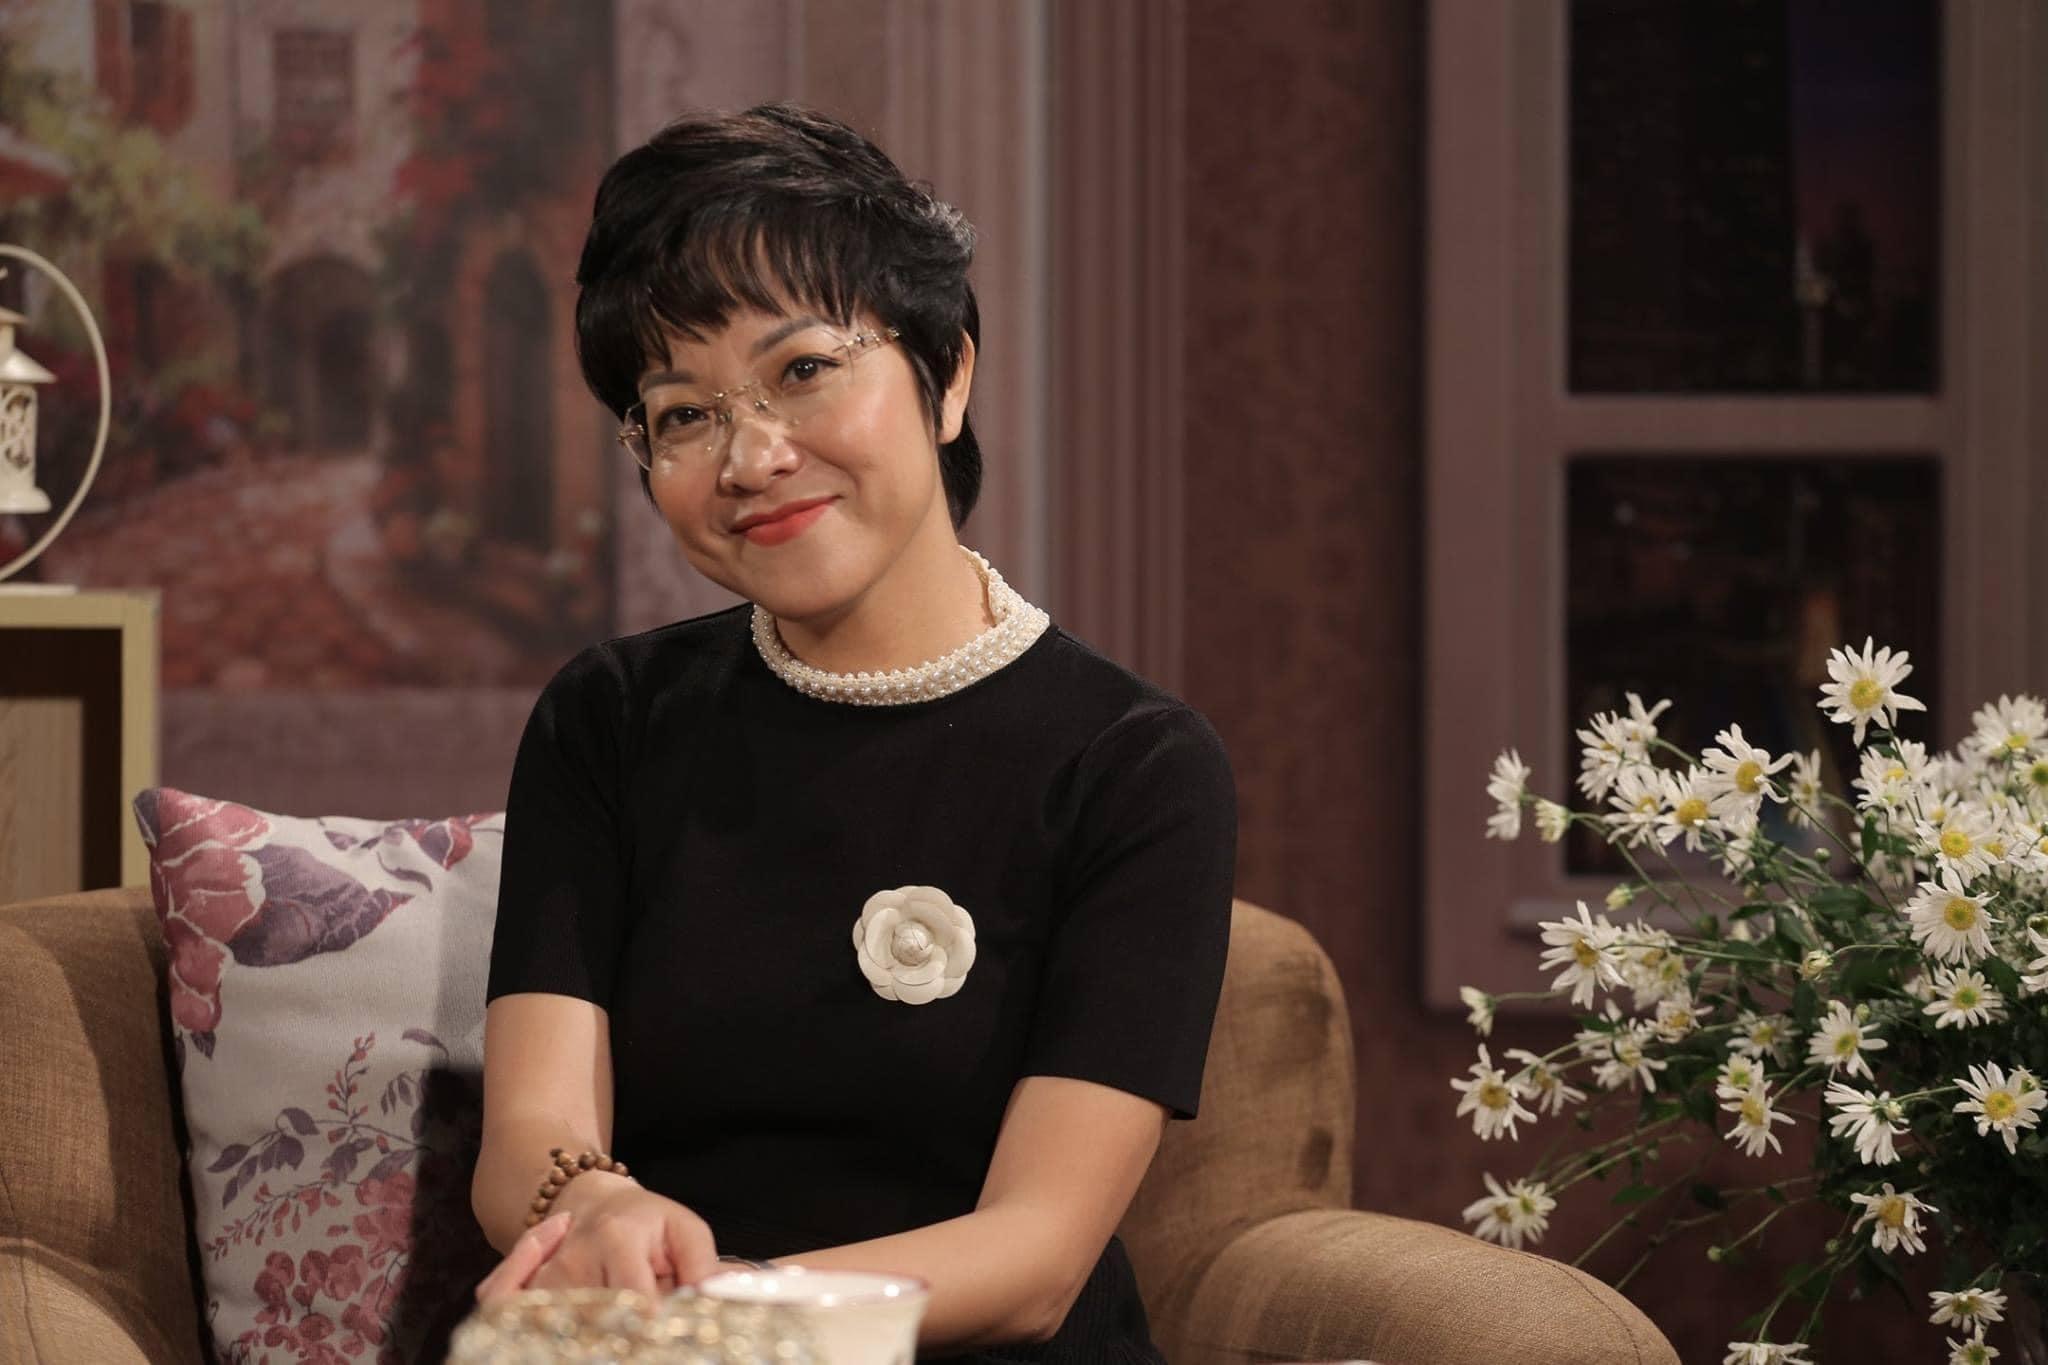 Nhan sắc trẻ trung của MC Thảo Vân ở tuổi 50